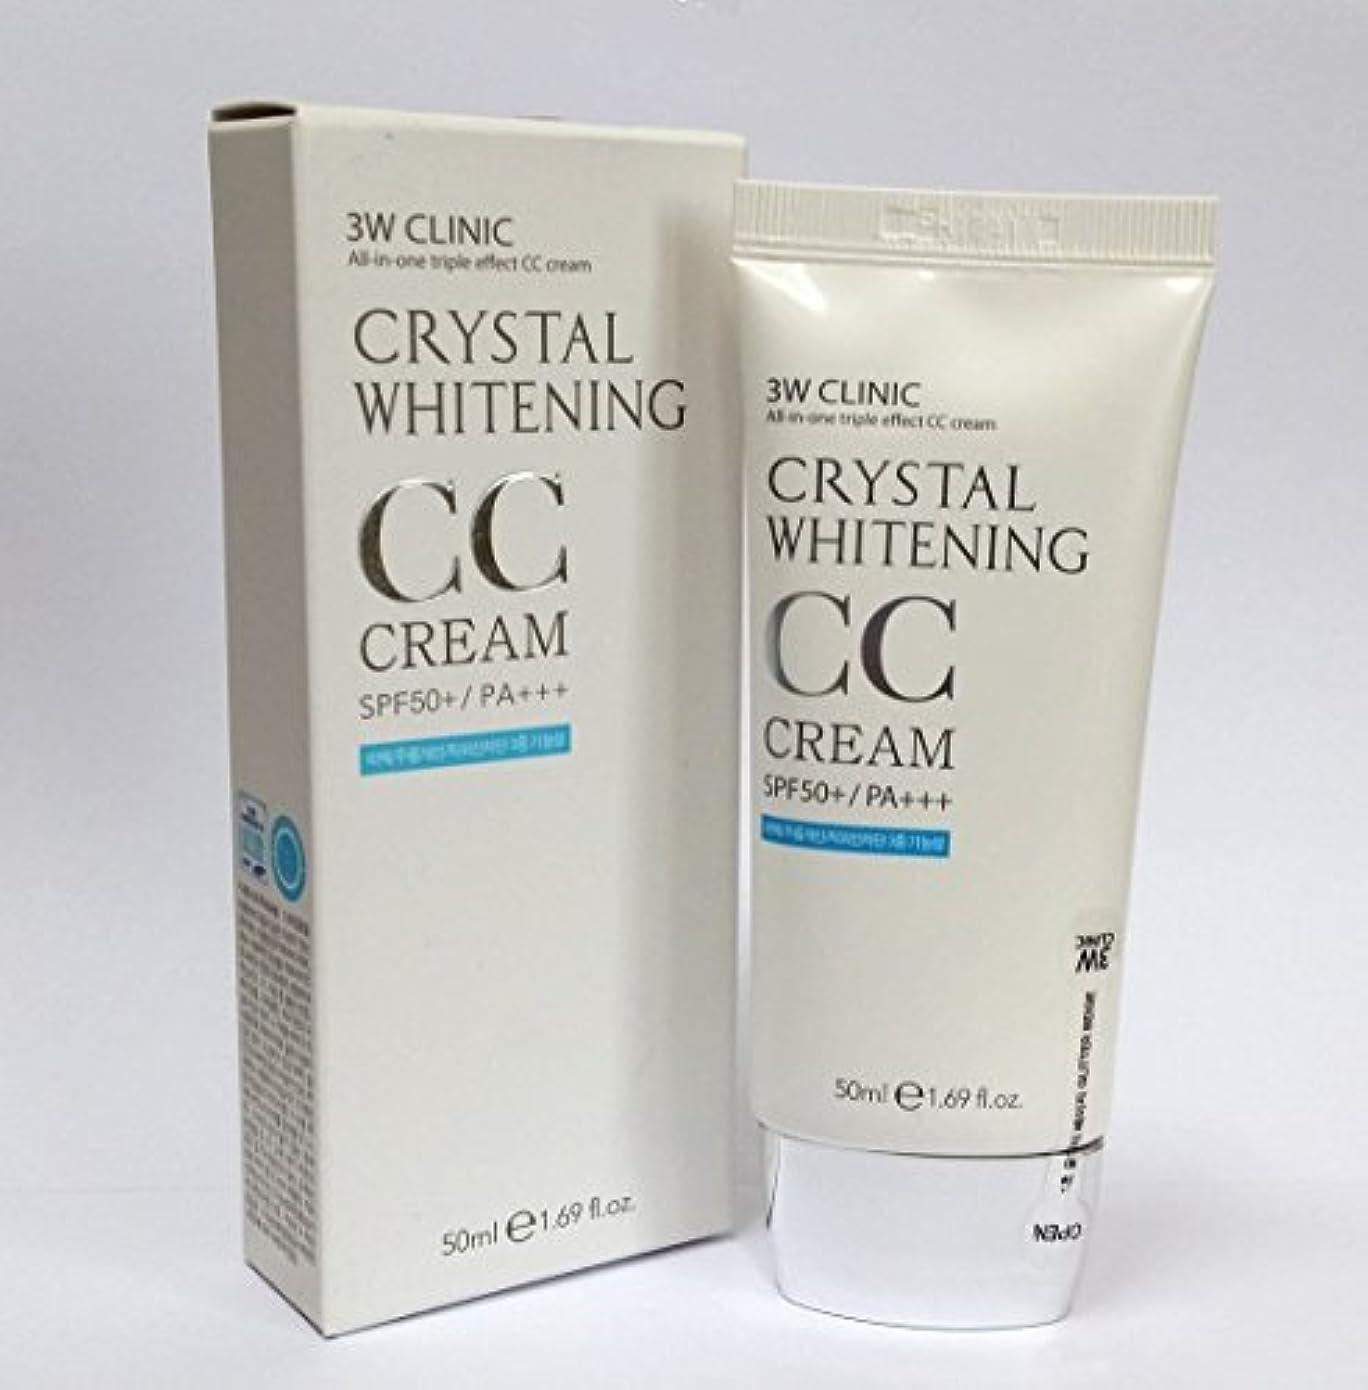 ストラップ殺します敬意を表して[3W CLINIC] クリスタルホワイトニングCCクリーム50ml SPF50 PA +++ / #02 Natural Beige / Crystal Whitening CC Cream 50ml SPF50 PA...